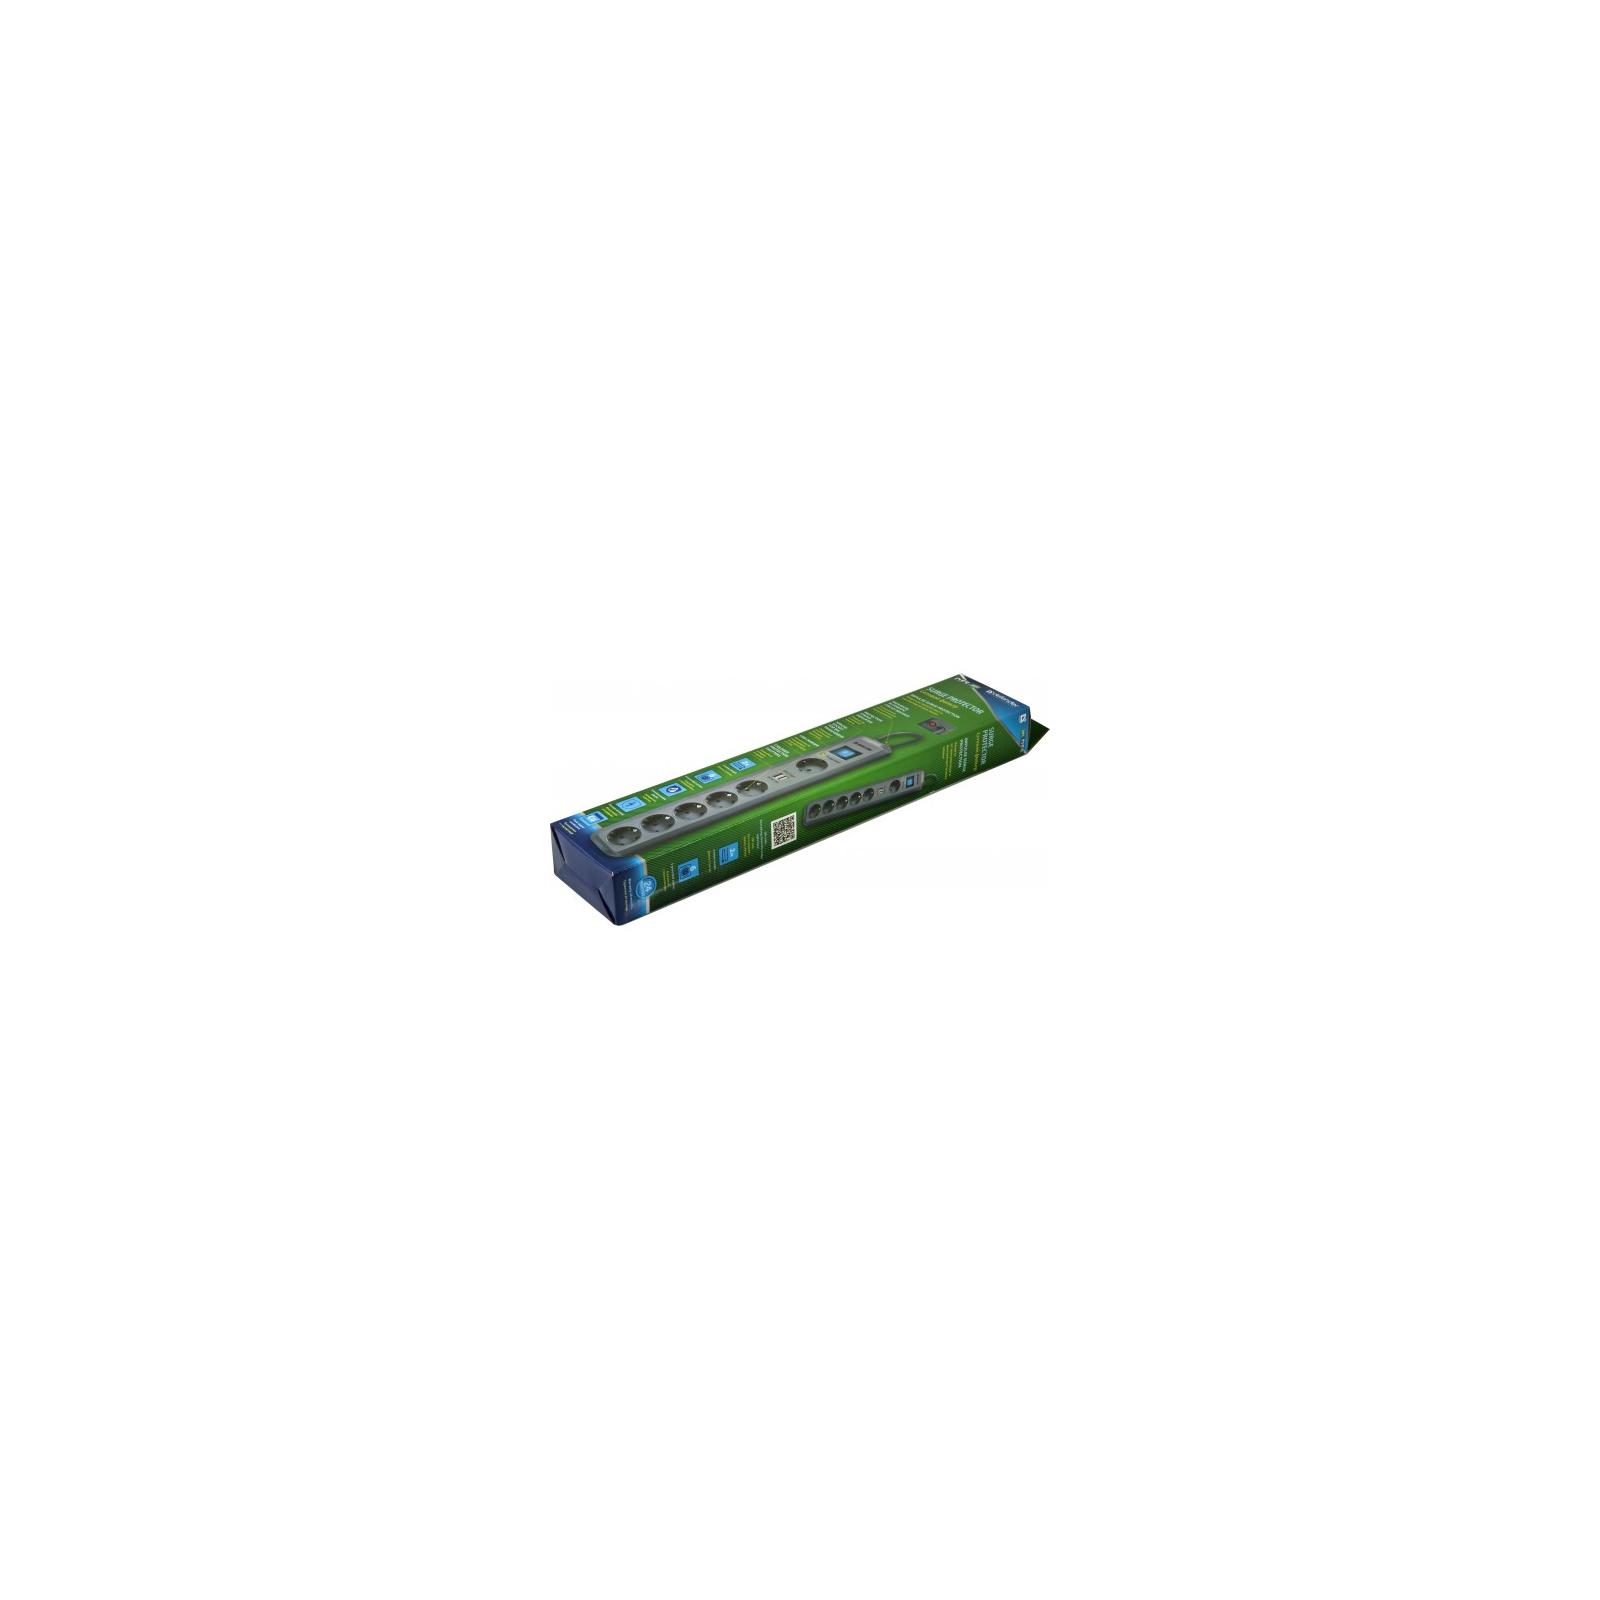 Сетевой фильтр питания Defender DEFENDER DFS 505 5m 6 роз. 2 USB порта (99055) изображение 4